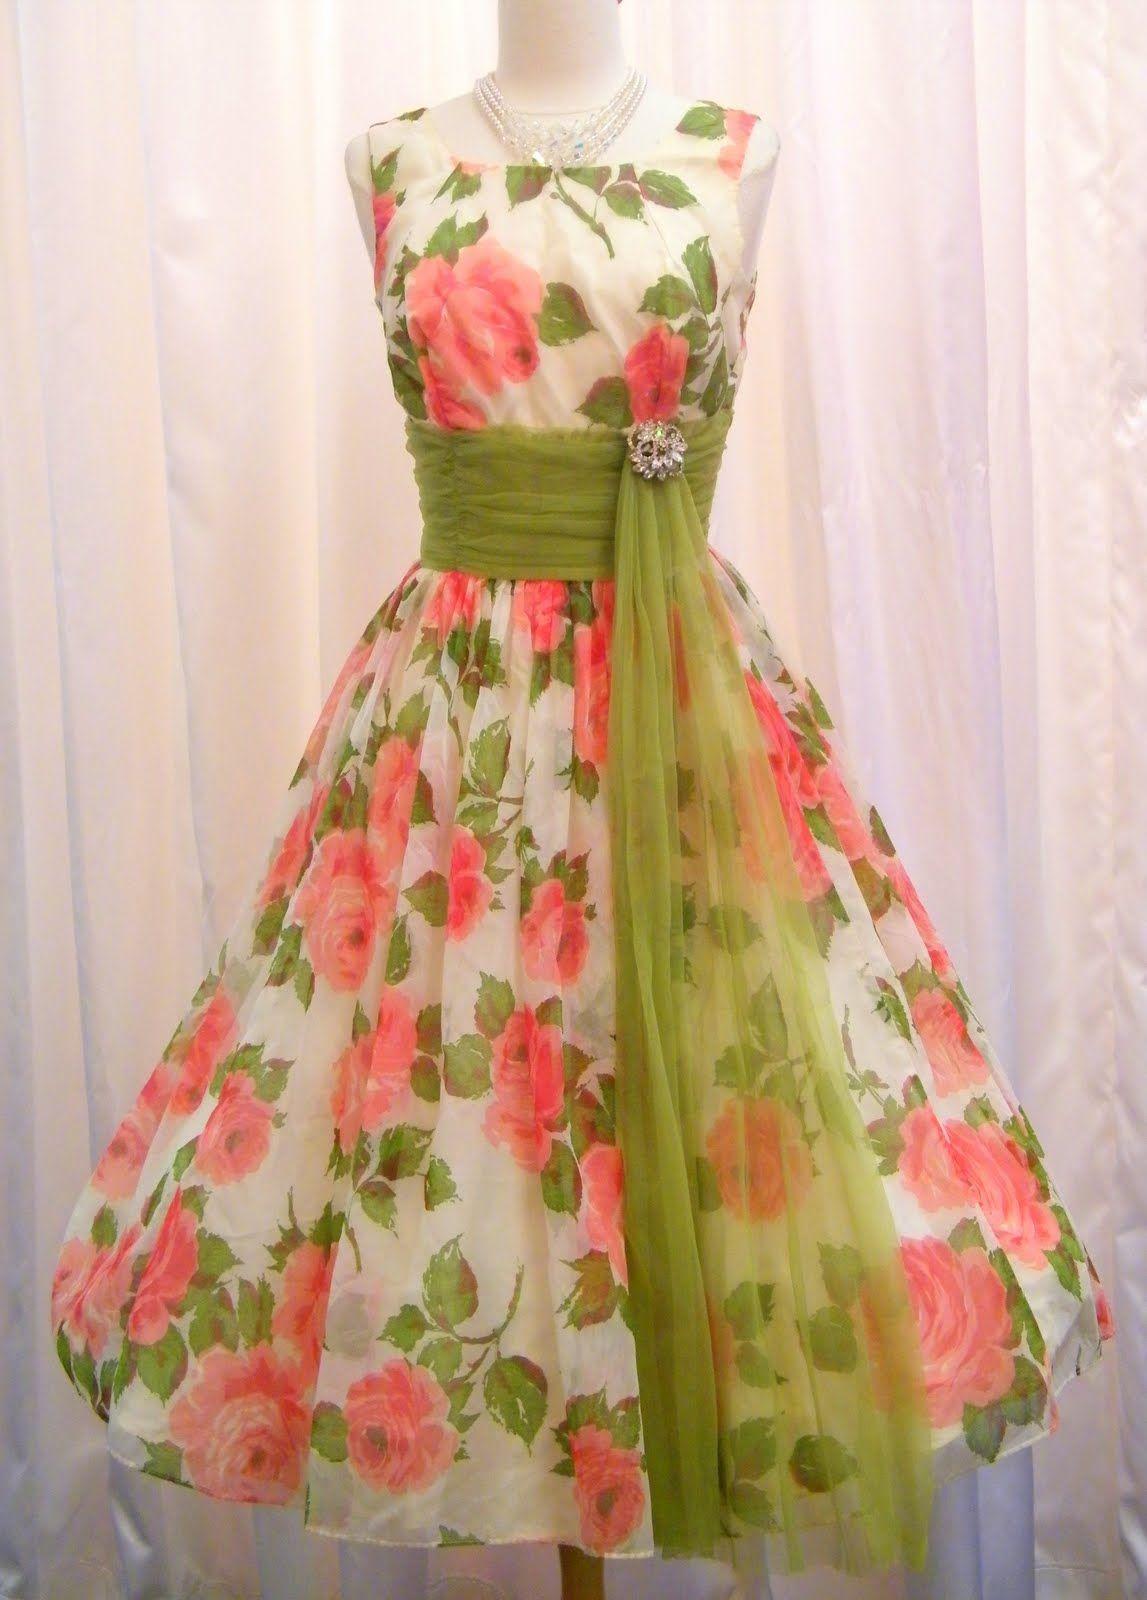 Vintage Tea Dresses Floral Patterns 1950 S 1960 S Pink